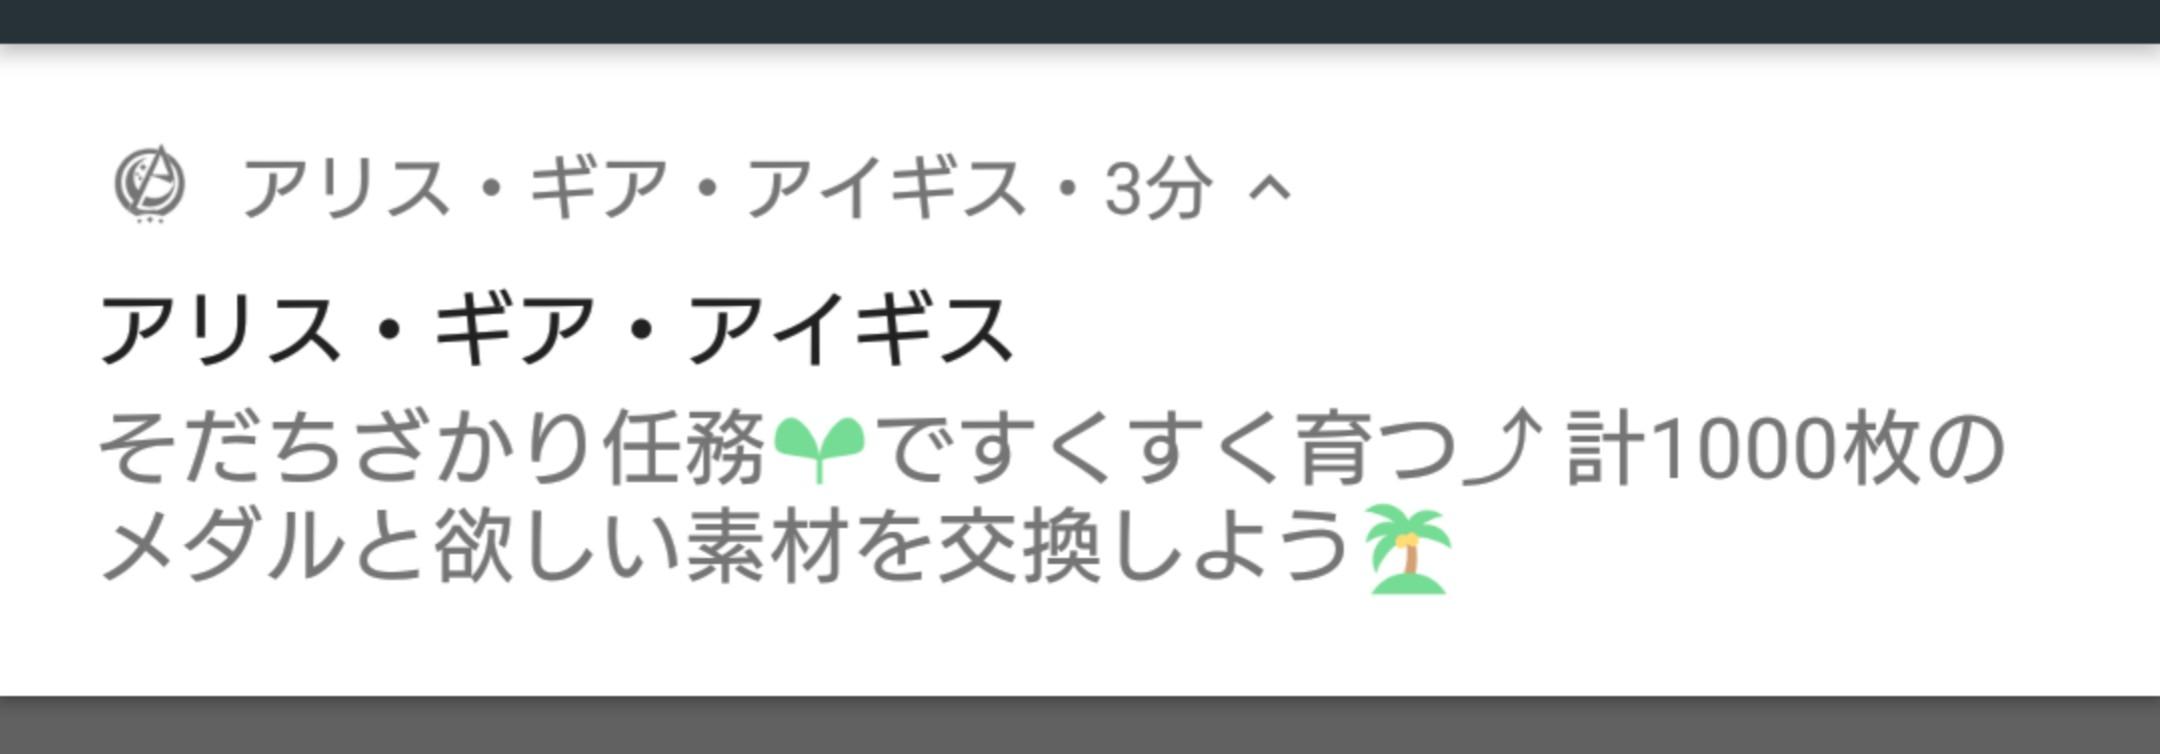 _20190208_165533.JPG